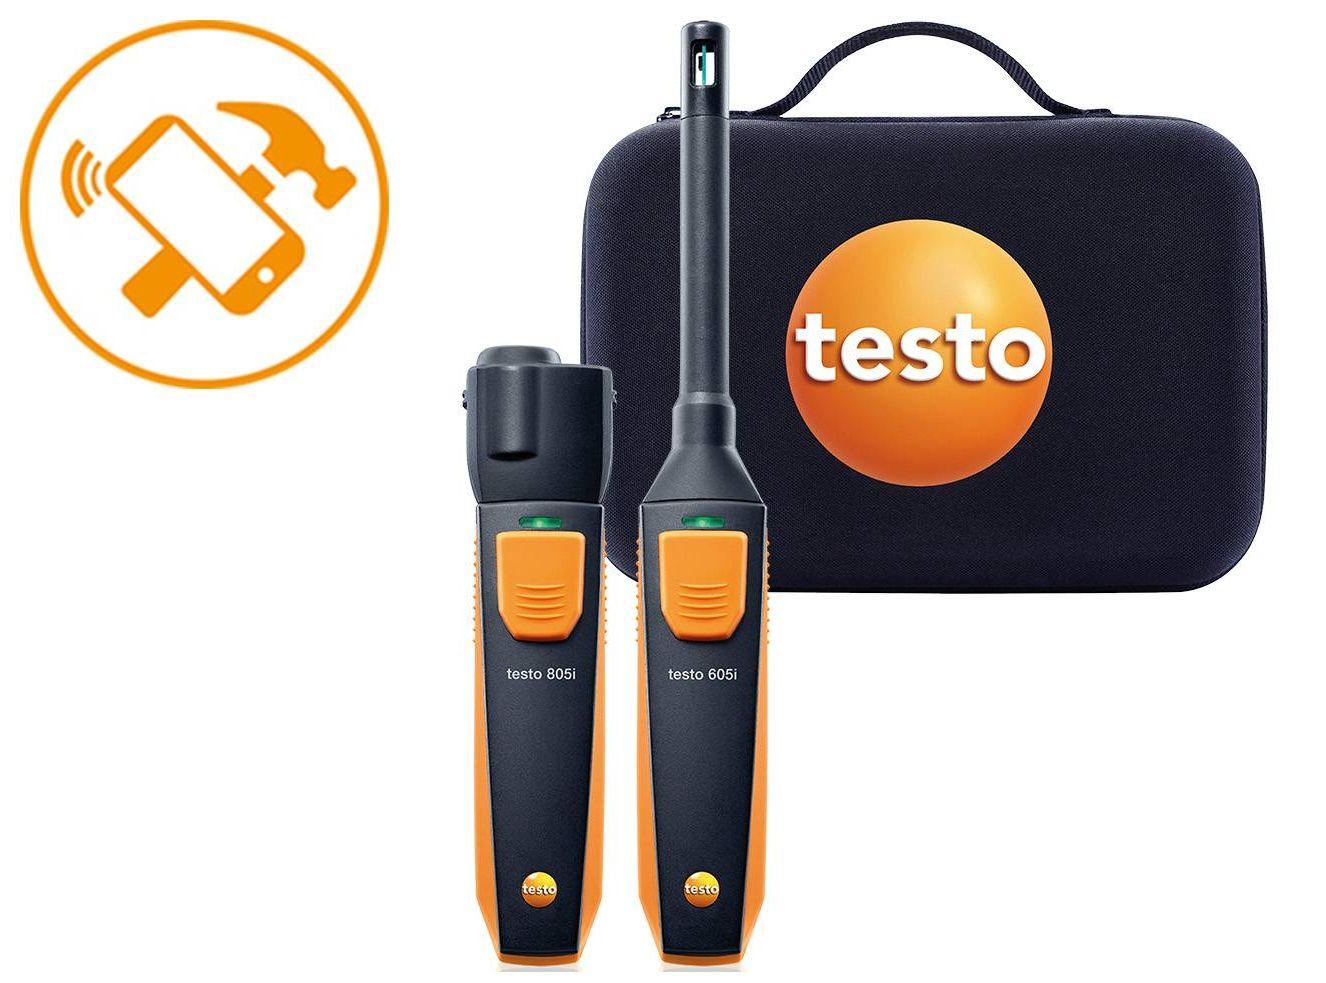 testo Smart Probes Set Anwendungs-Highlight Schimmeldetektion